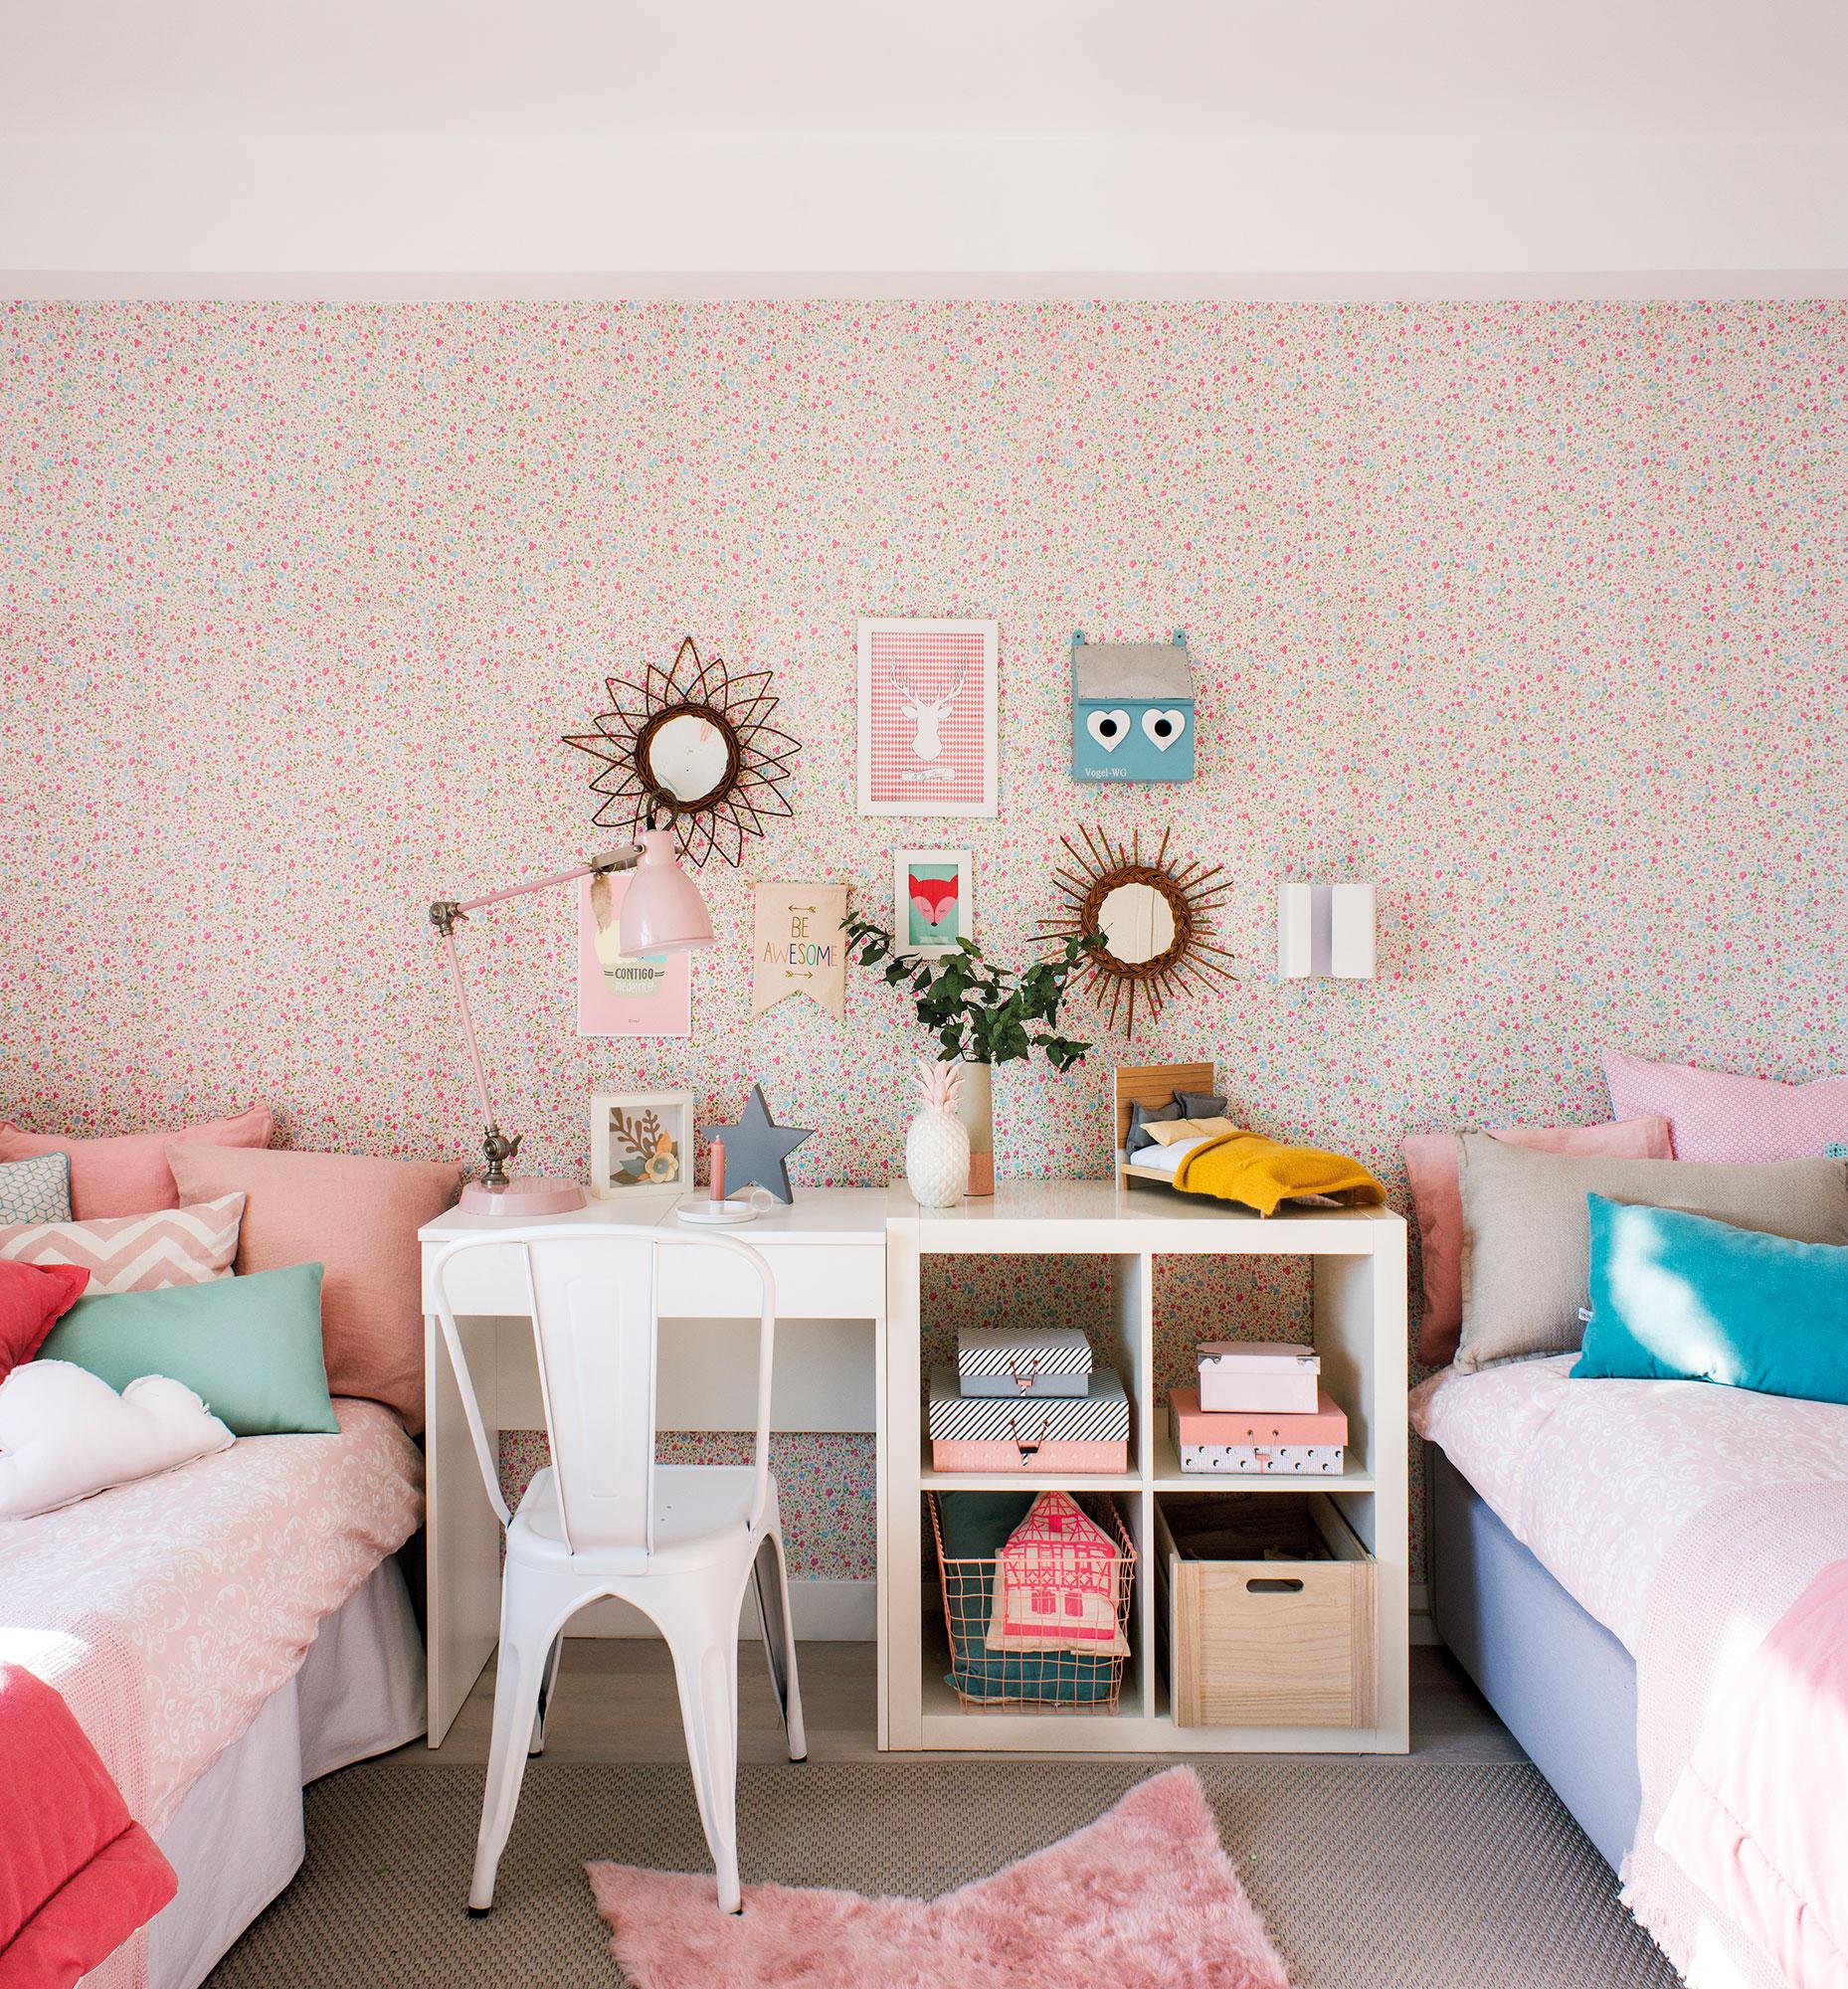 Decora la habitaci n infantil con papel pintado - Habitacion con papel pintado ...